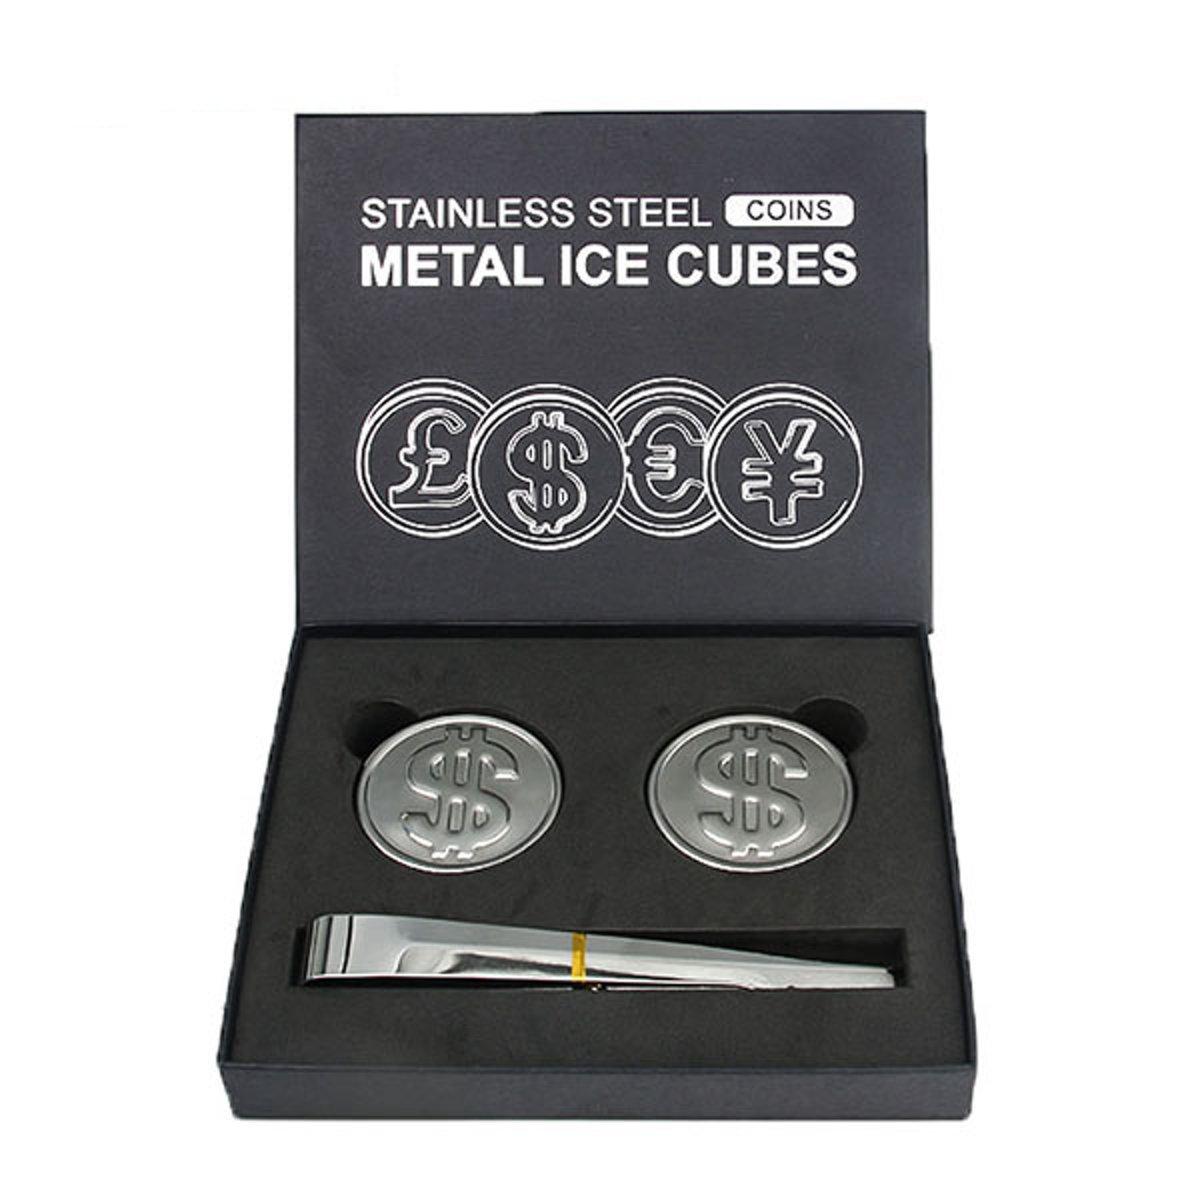 Whiskey stenen (2 stuks + tang) - RVS whiskey stones - accessoires - gadgets – ijsblokjes - leuk als cadeau voor een whisky liefhebber! kopen